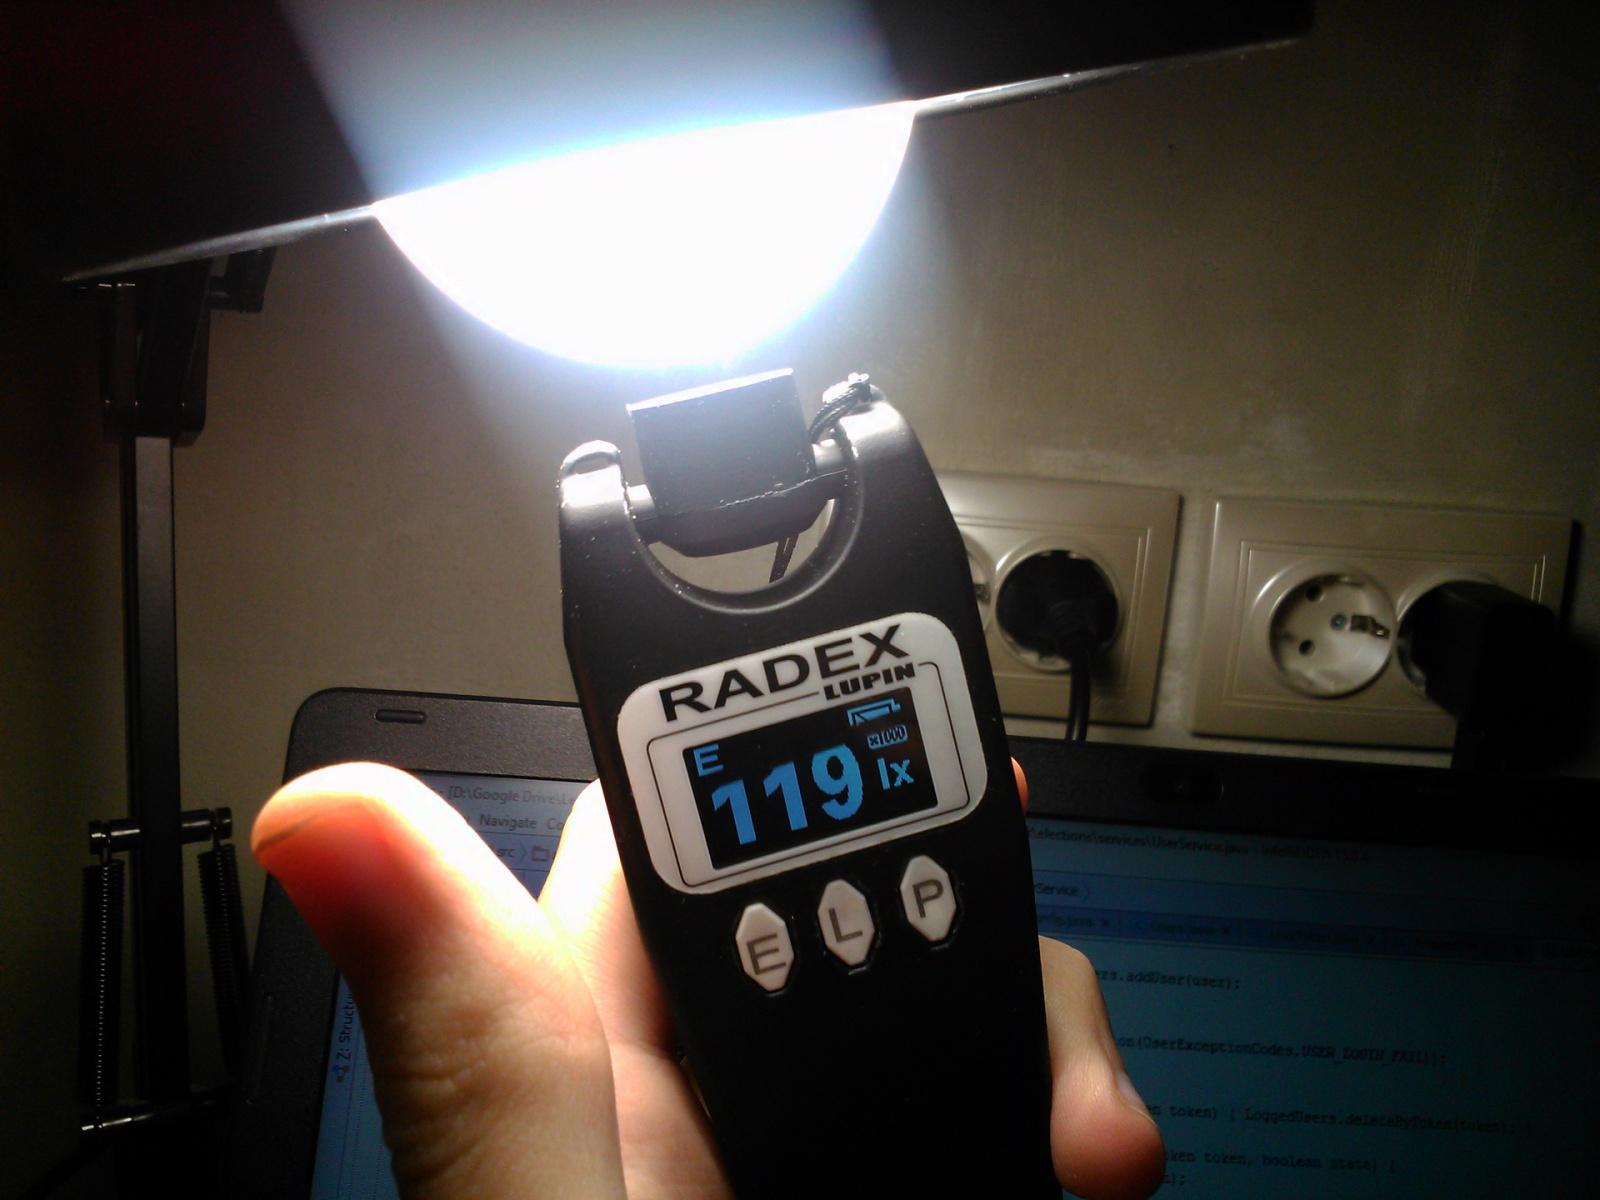 Radex Lupin: Когда свет можно посчитать - 15